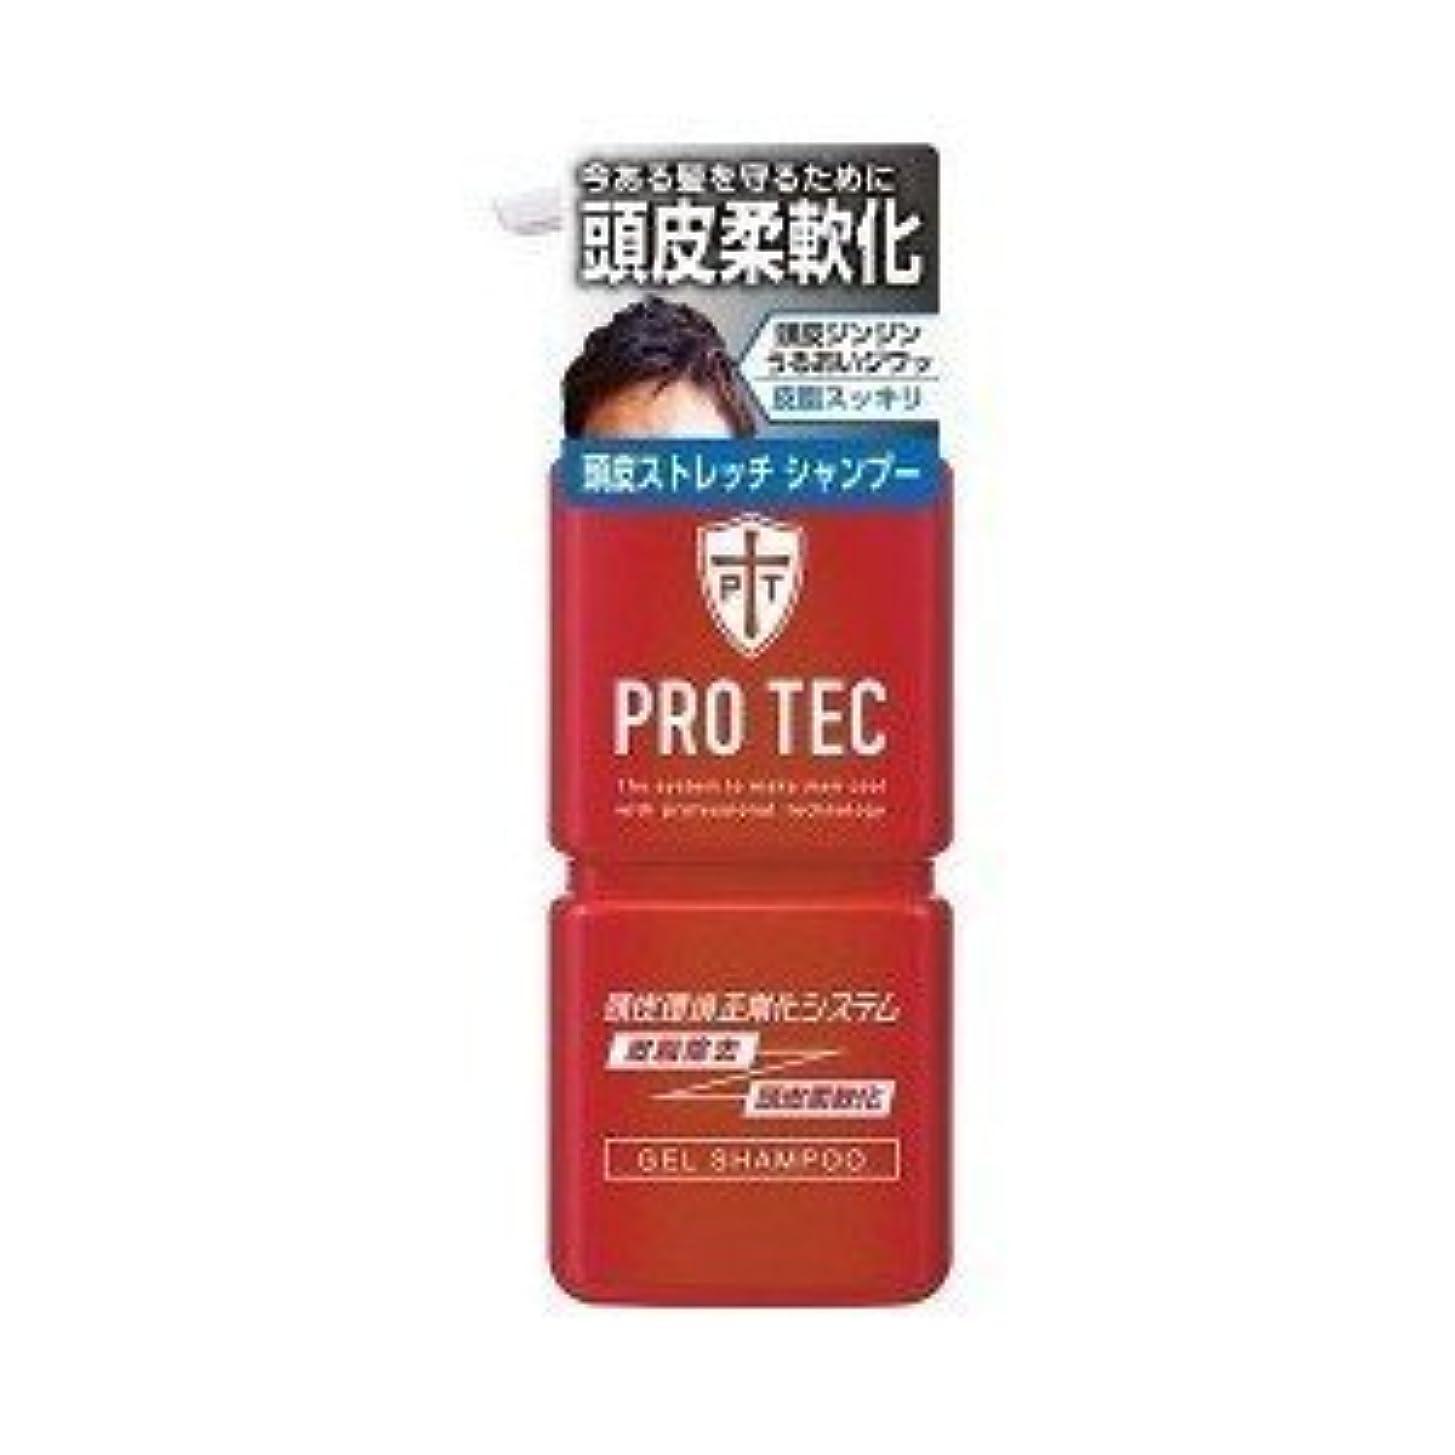 マイナー染色豊富な(ライオン)PRO TEC(プロテク) 頭皮ストレッチ シャンプー ポンプ 300g(医薬部外品)